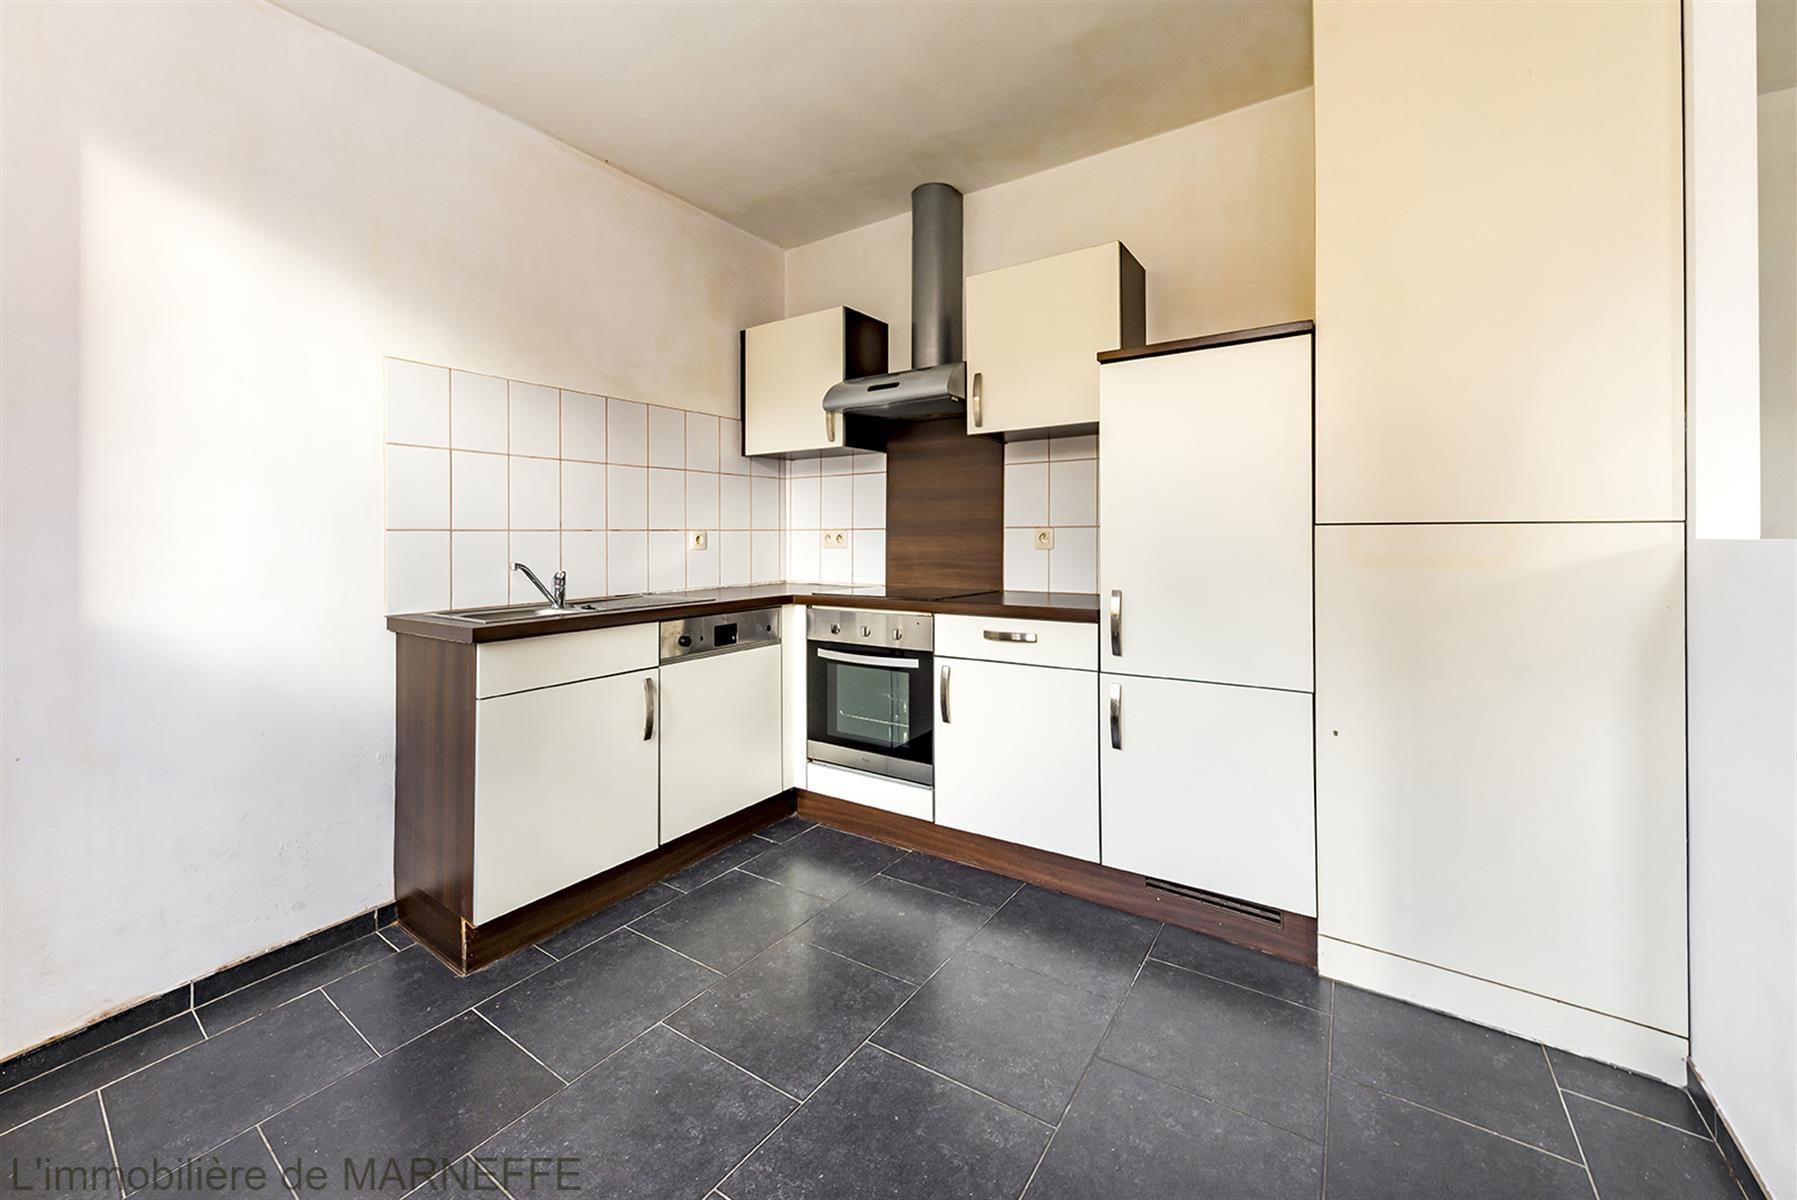 Appartement - Hannut - #3613211-13